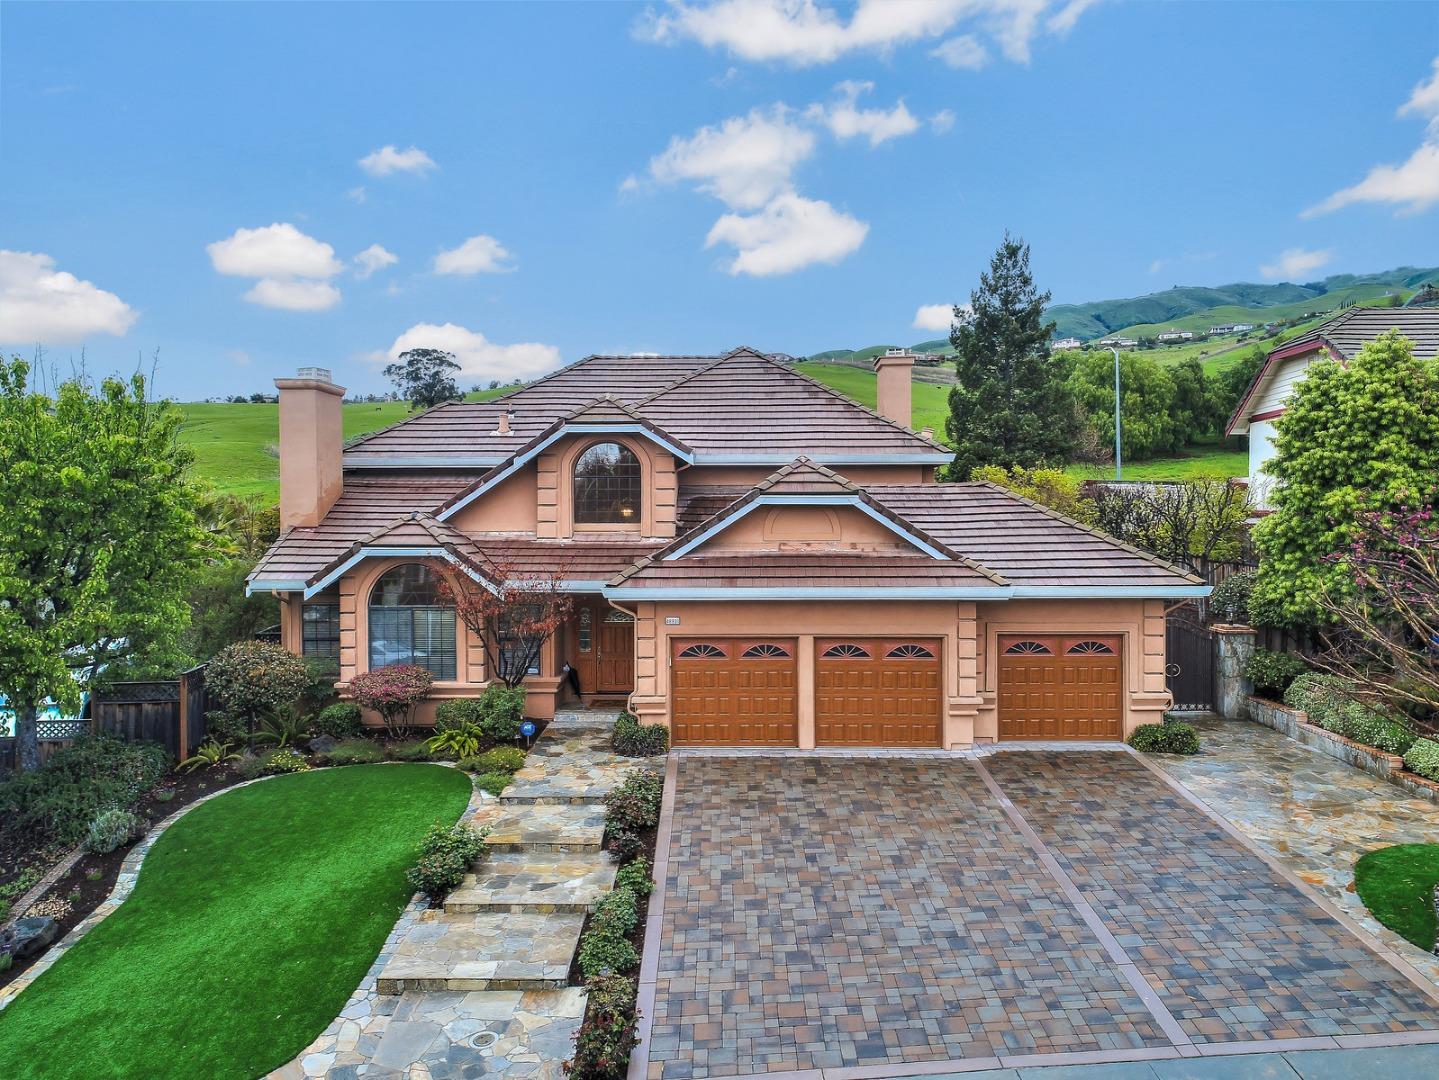 Частный односемейный дом для того Продажа на 48931 Ventura Drive 48931 Ventura Drive Fremont, Калифорния 94539 Соединенные Штаты